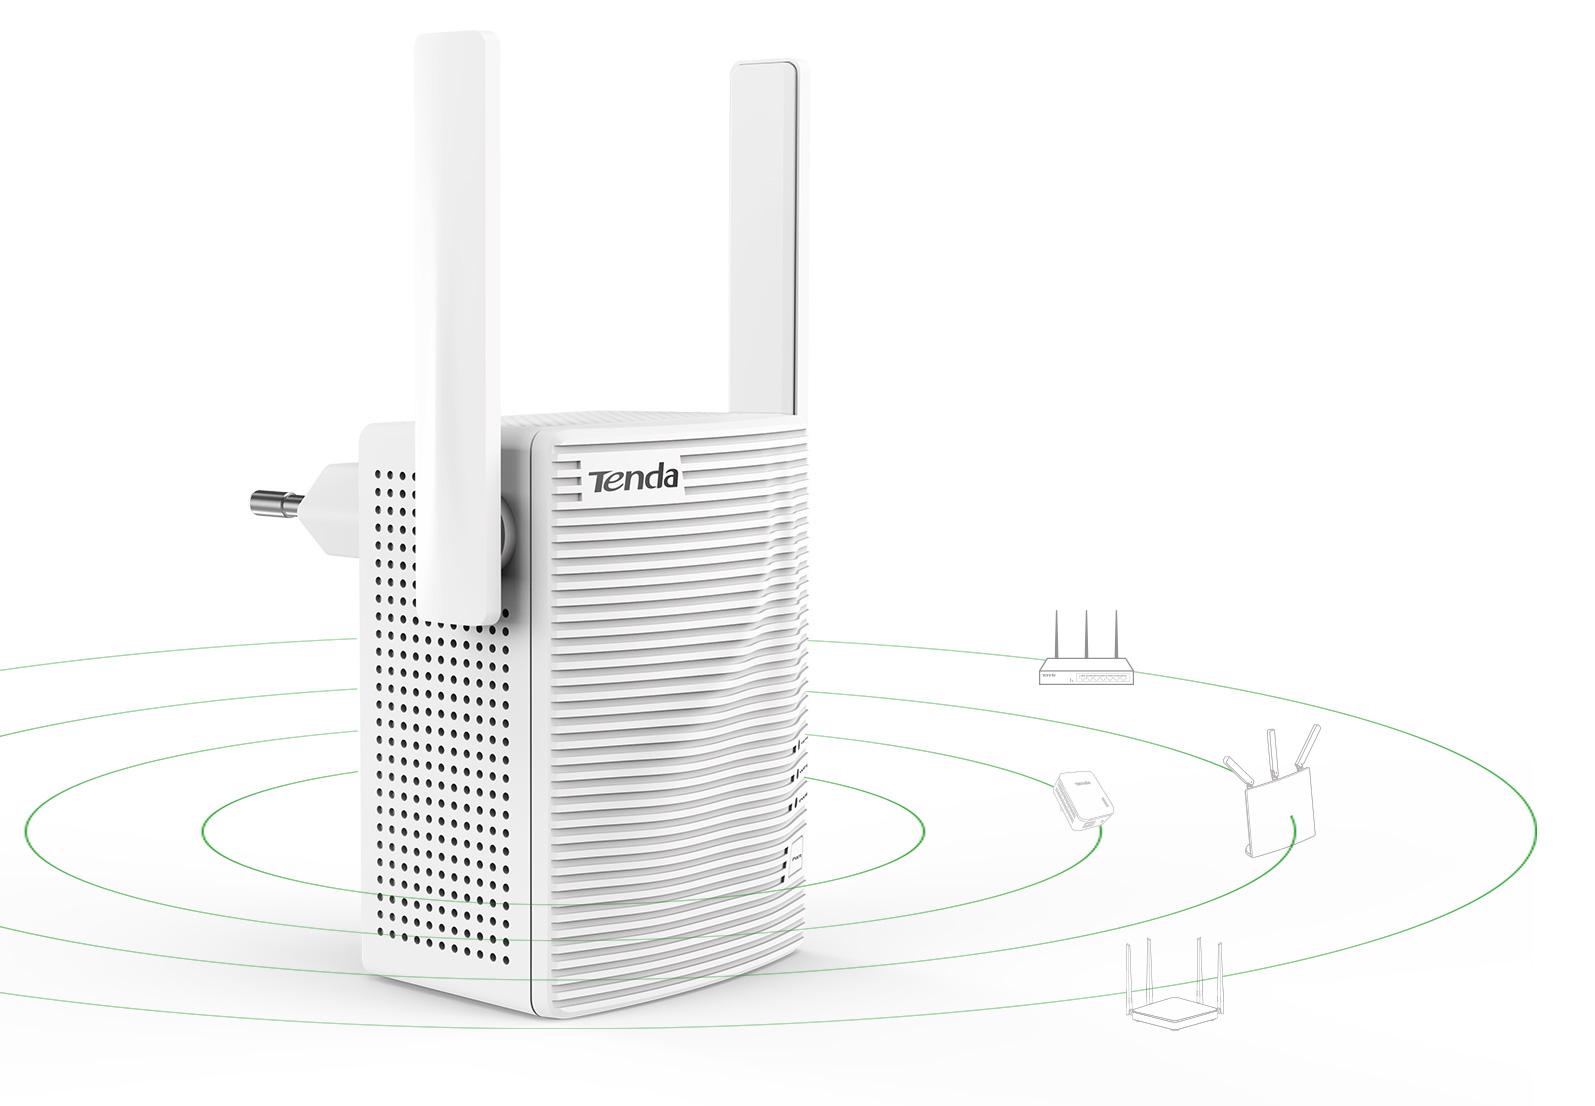 Kompatybilny z dowolnym routerem WiFi